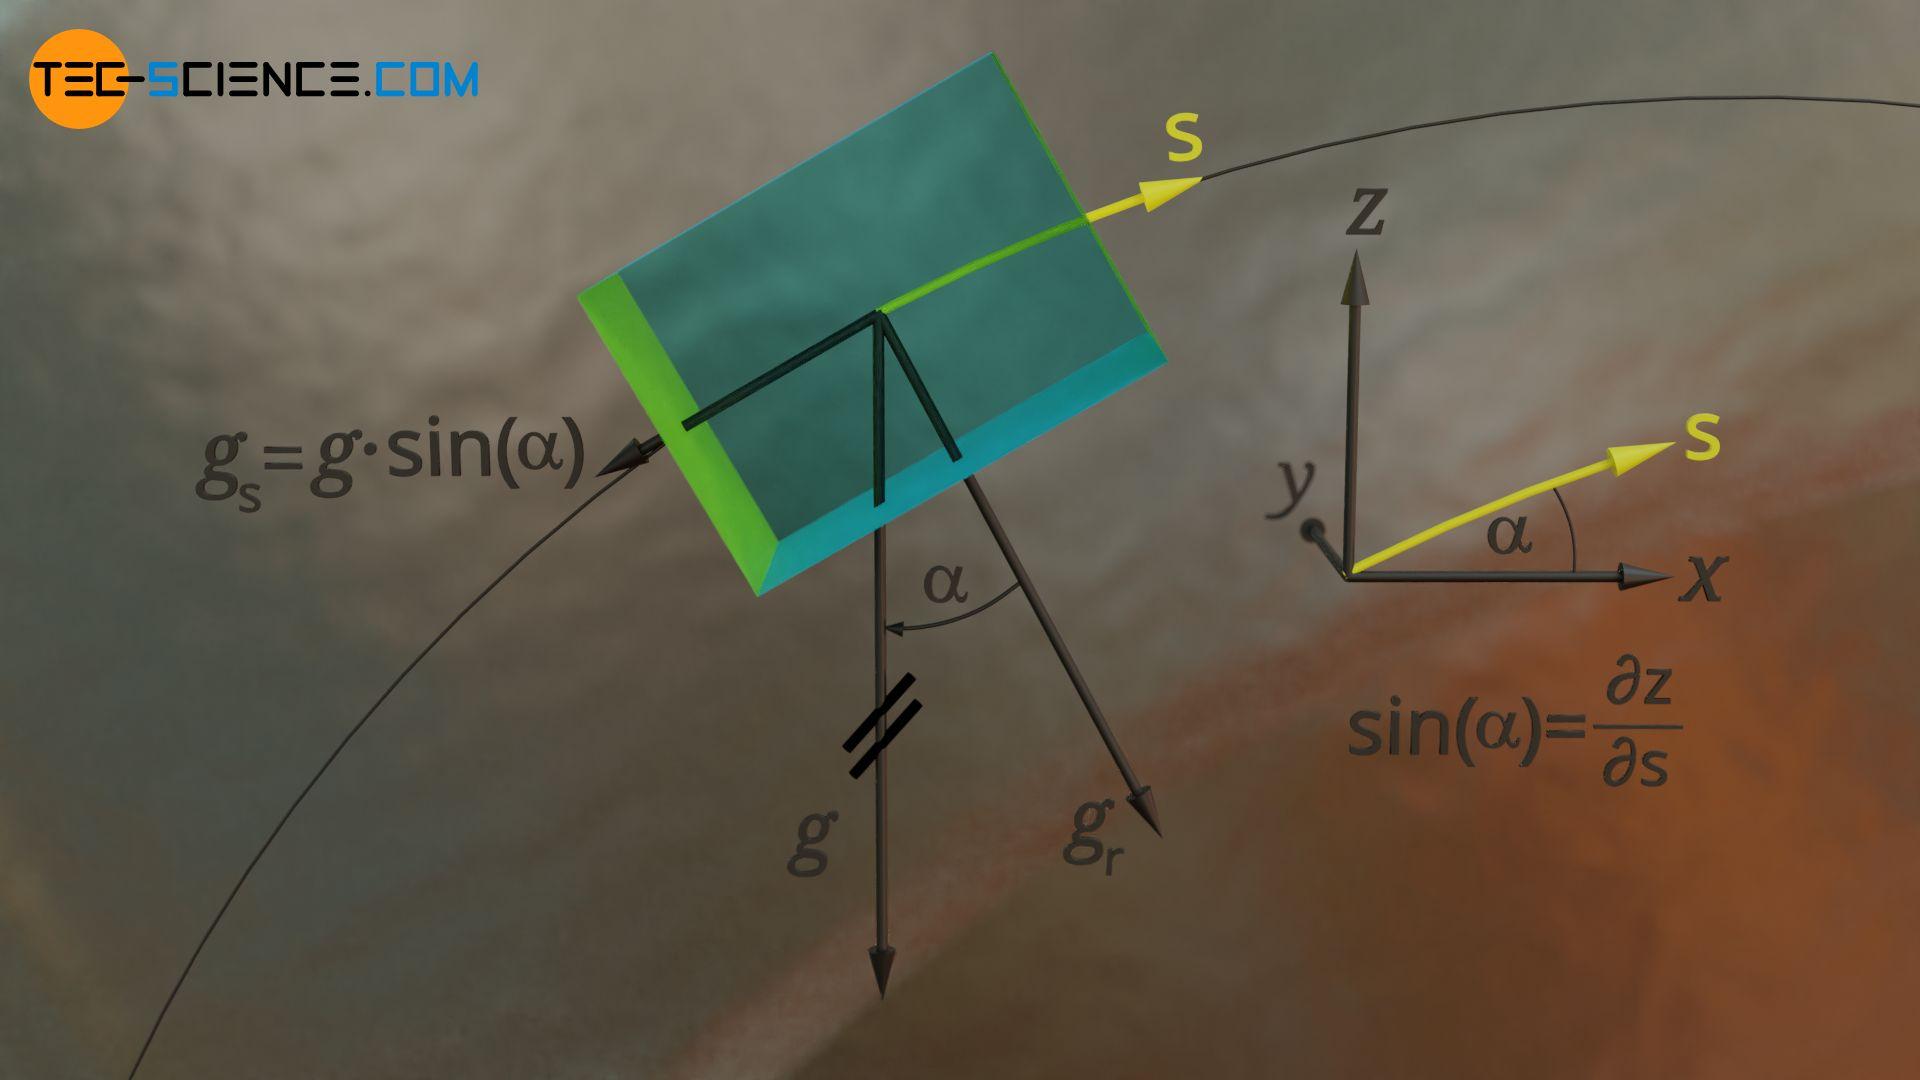 Bewegungsgleichung eines Fluidelements auf einer Stromlinie unter Berücksichtigung der Gravitation